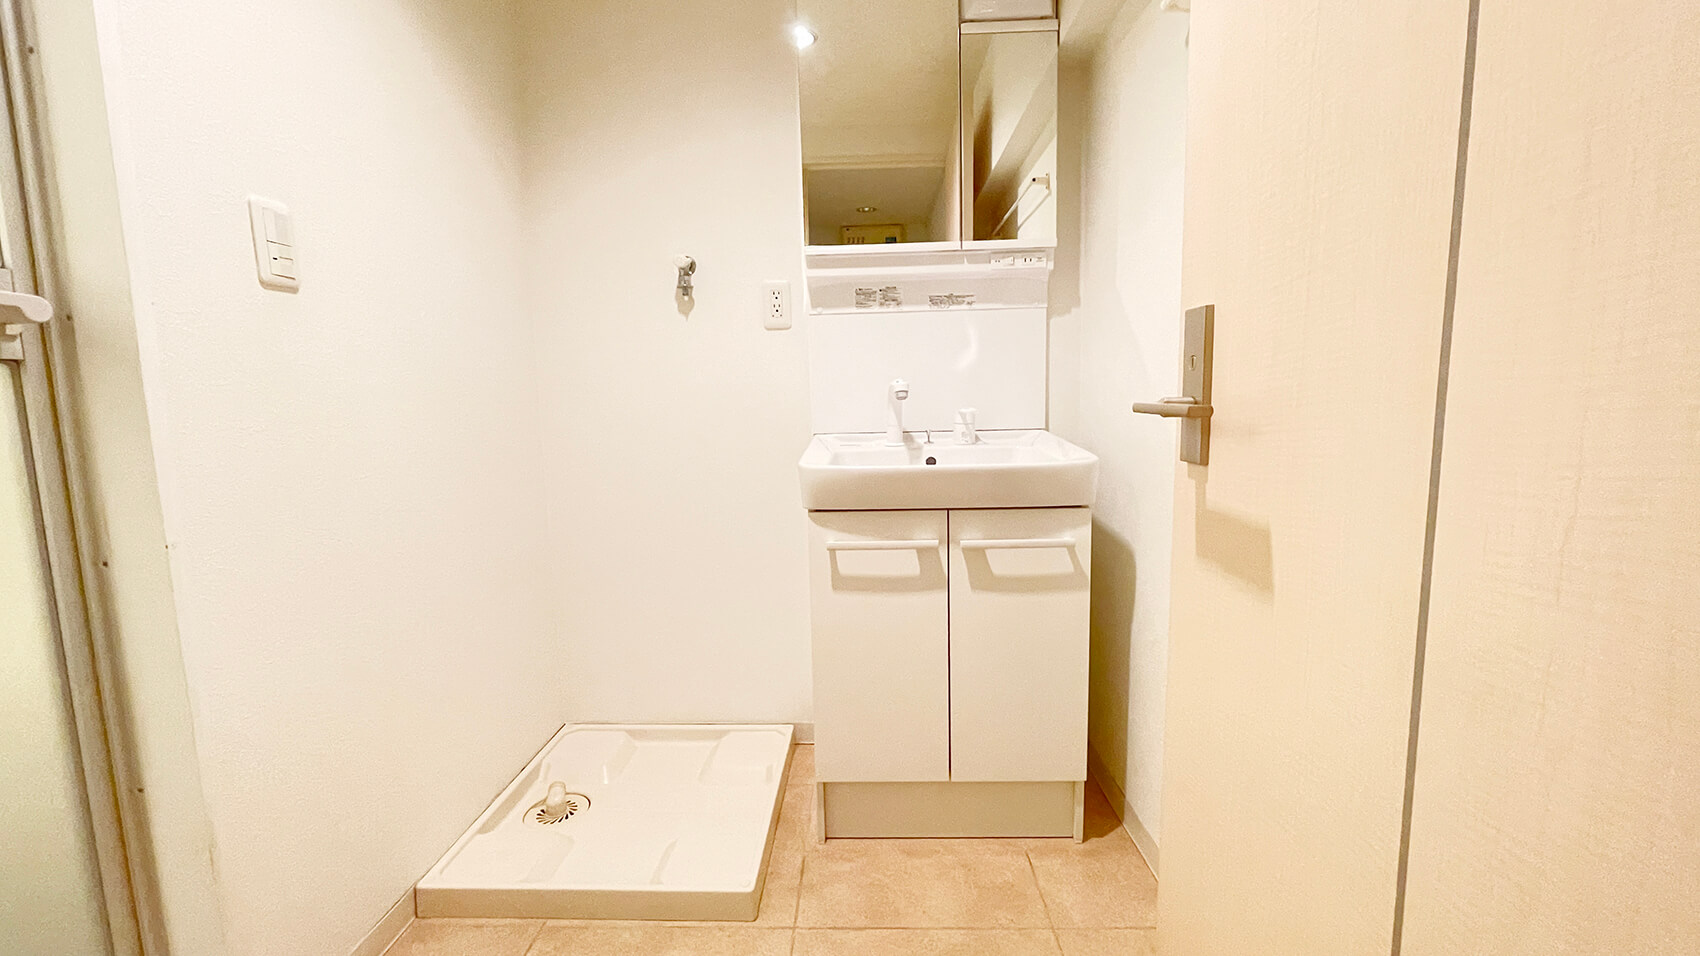 洗面所ですにゃ。独立洗面台は新品が入ってますにゃ。